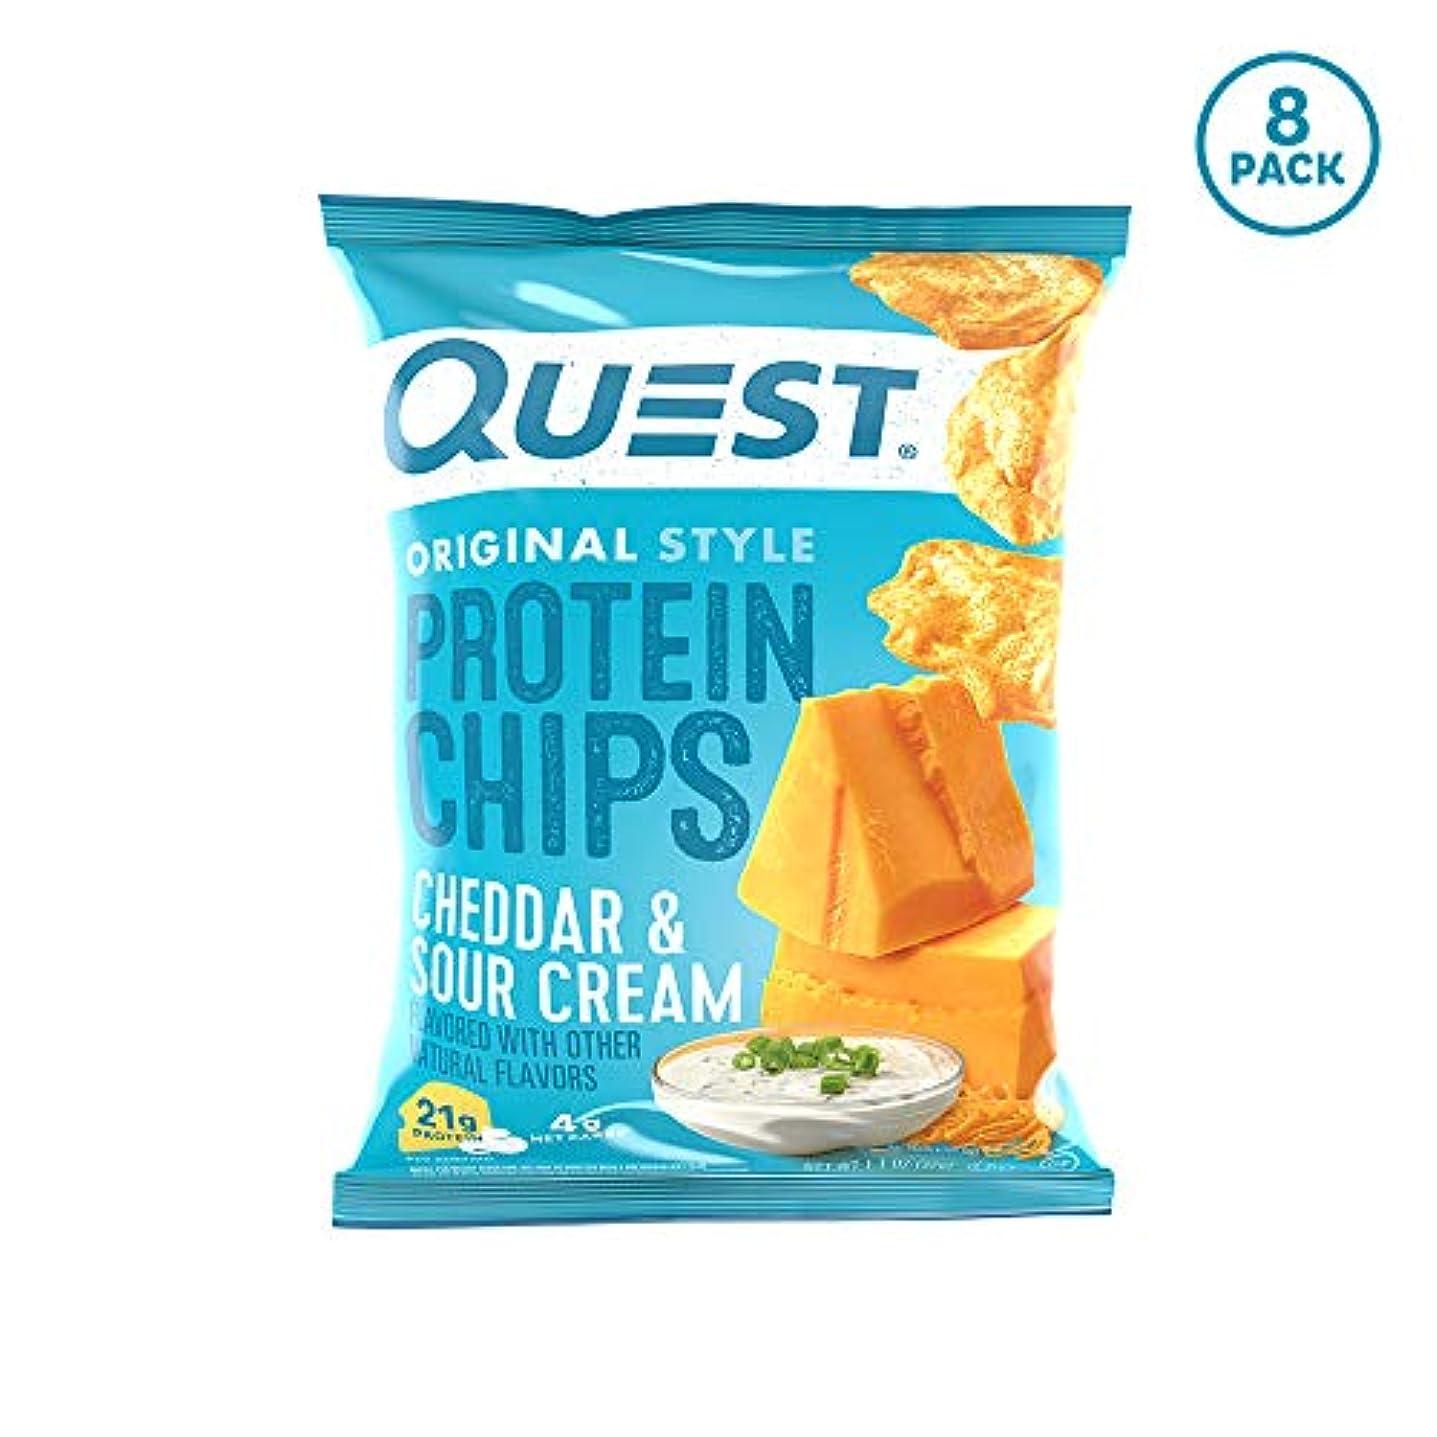 とても多くの誇りに思う富プロテイン チップス チェダーサワークリーム フレイバー クエスト 8袋セット 並行輸入品 Quest Nutrition Protein Chips Cheddar & Sour Cream Pack of 8 海外直送品